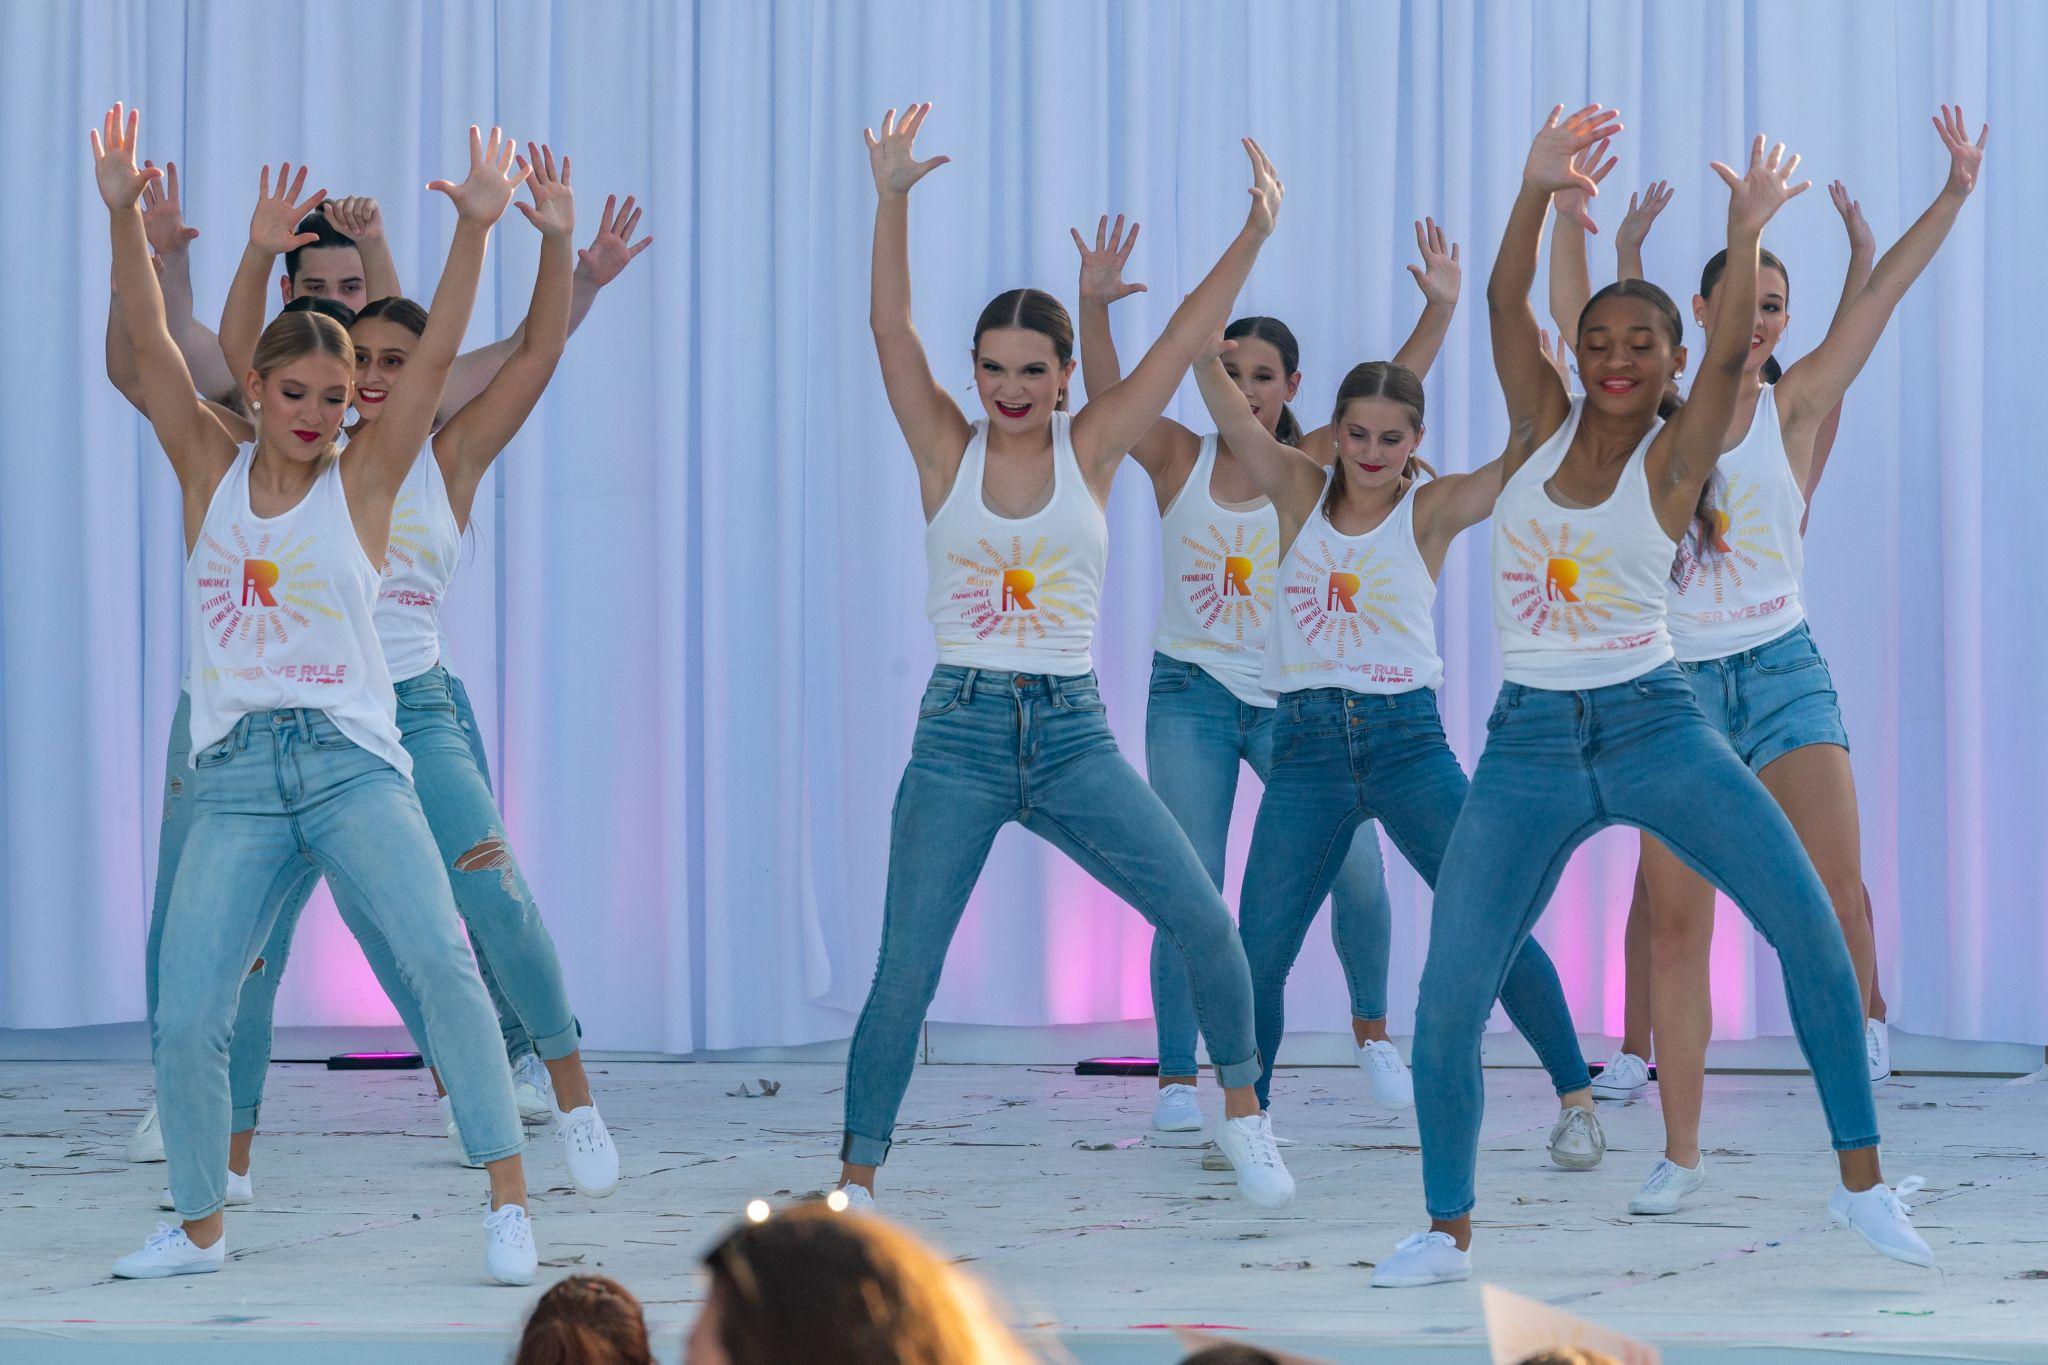 Photos: iRule Dance Studio puts on outdoor recital ...